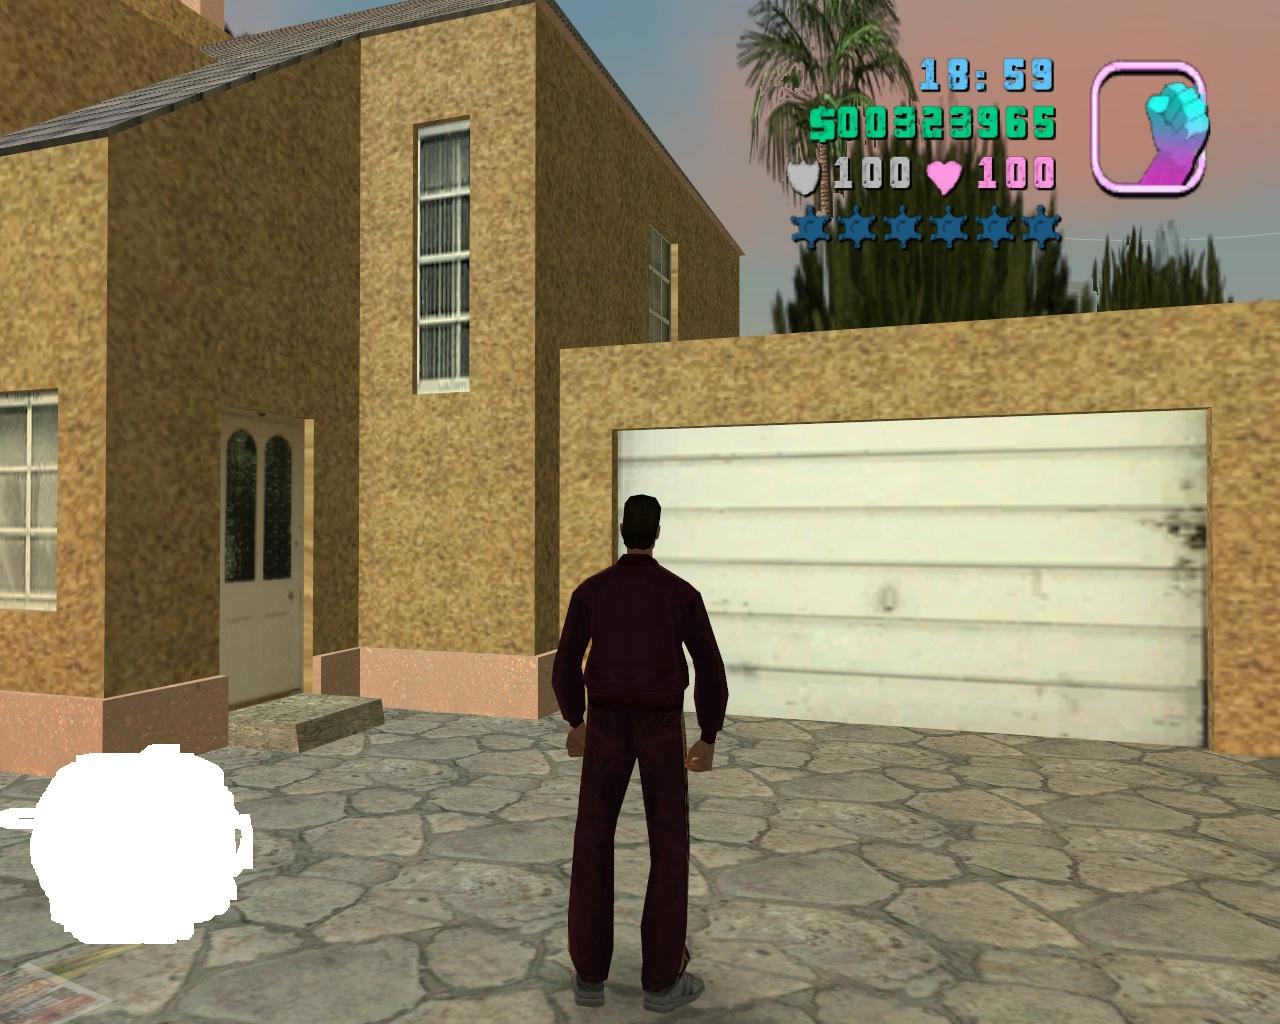 Скриншоты и прочая хрень из игры. - Grand Theft Auto: Vice City